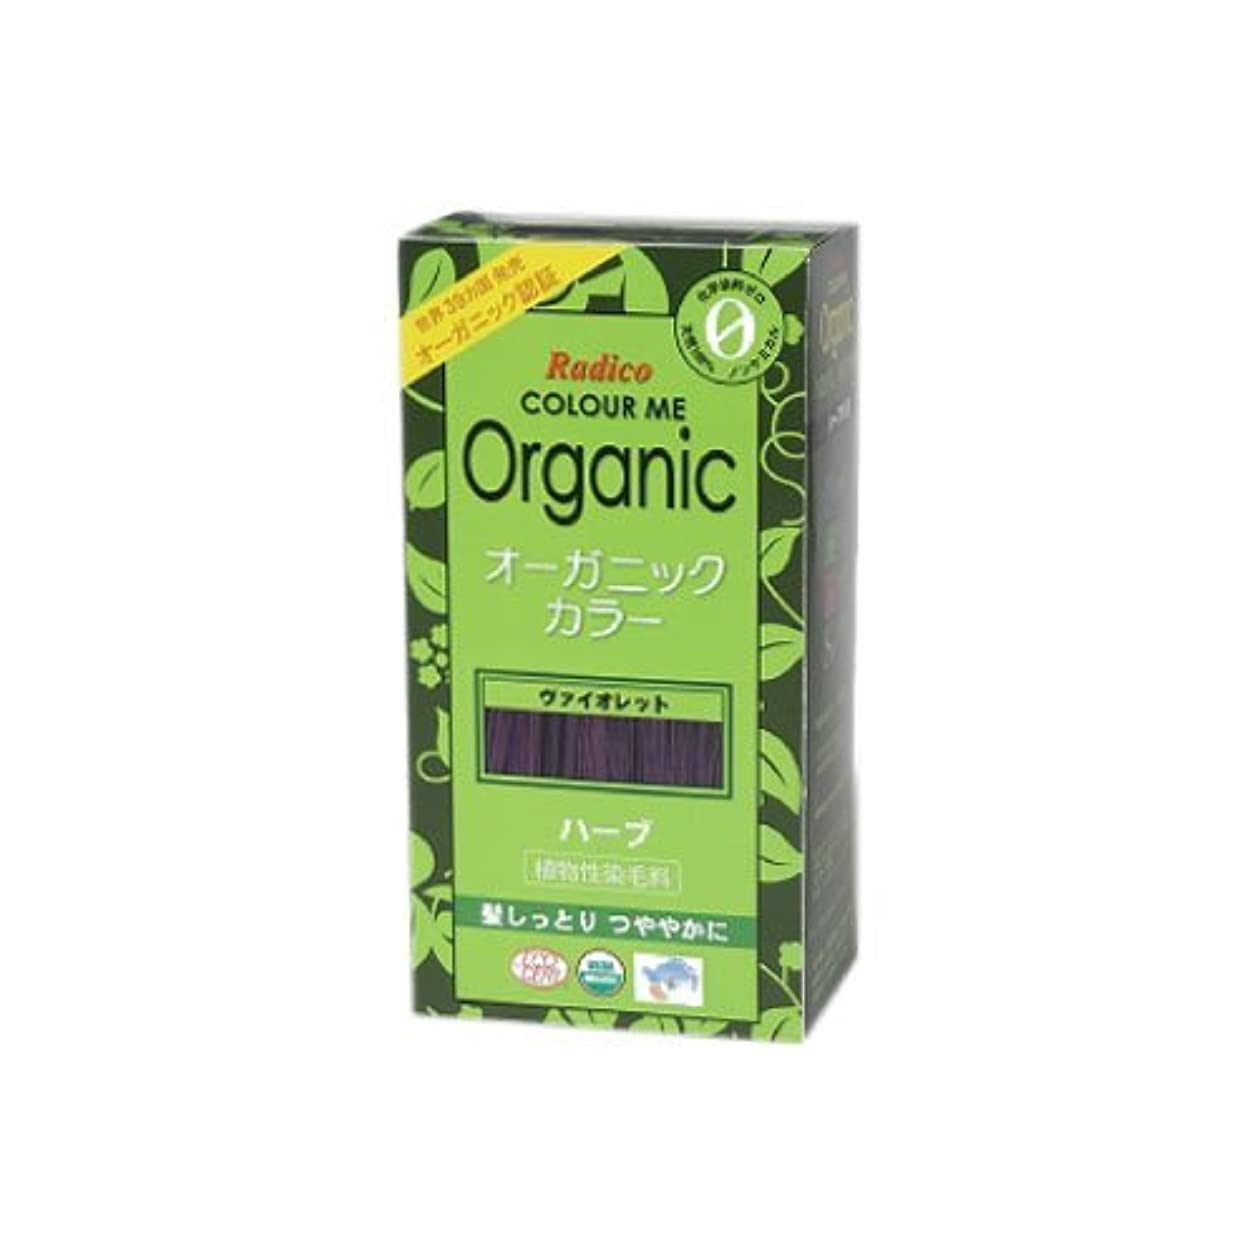 湿気の多い火寛大さCOLOURME Organic (カラーミーオーガニック ヘナ 白髪用 紫色) ヴァイオレット 100g